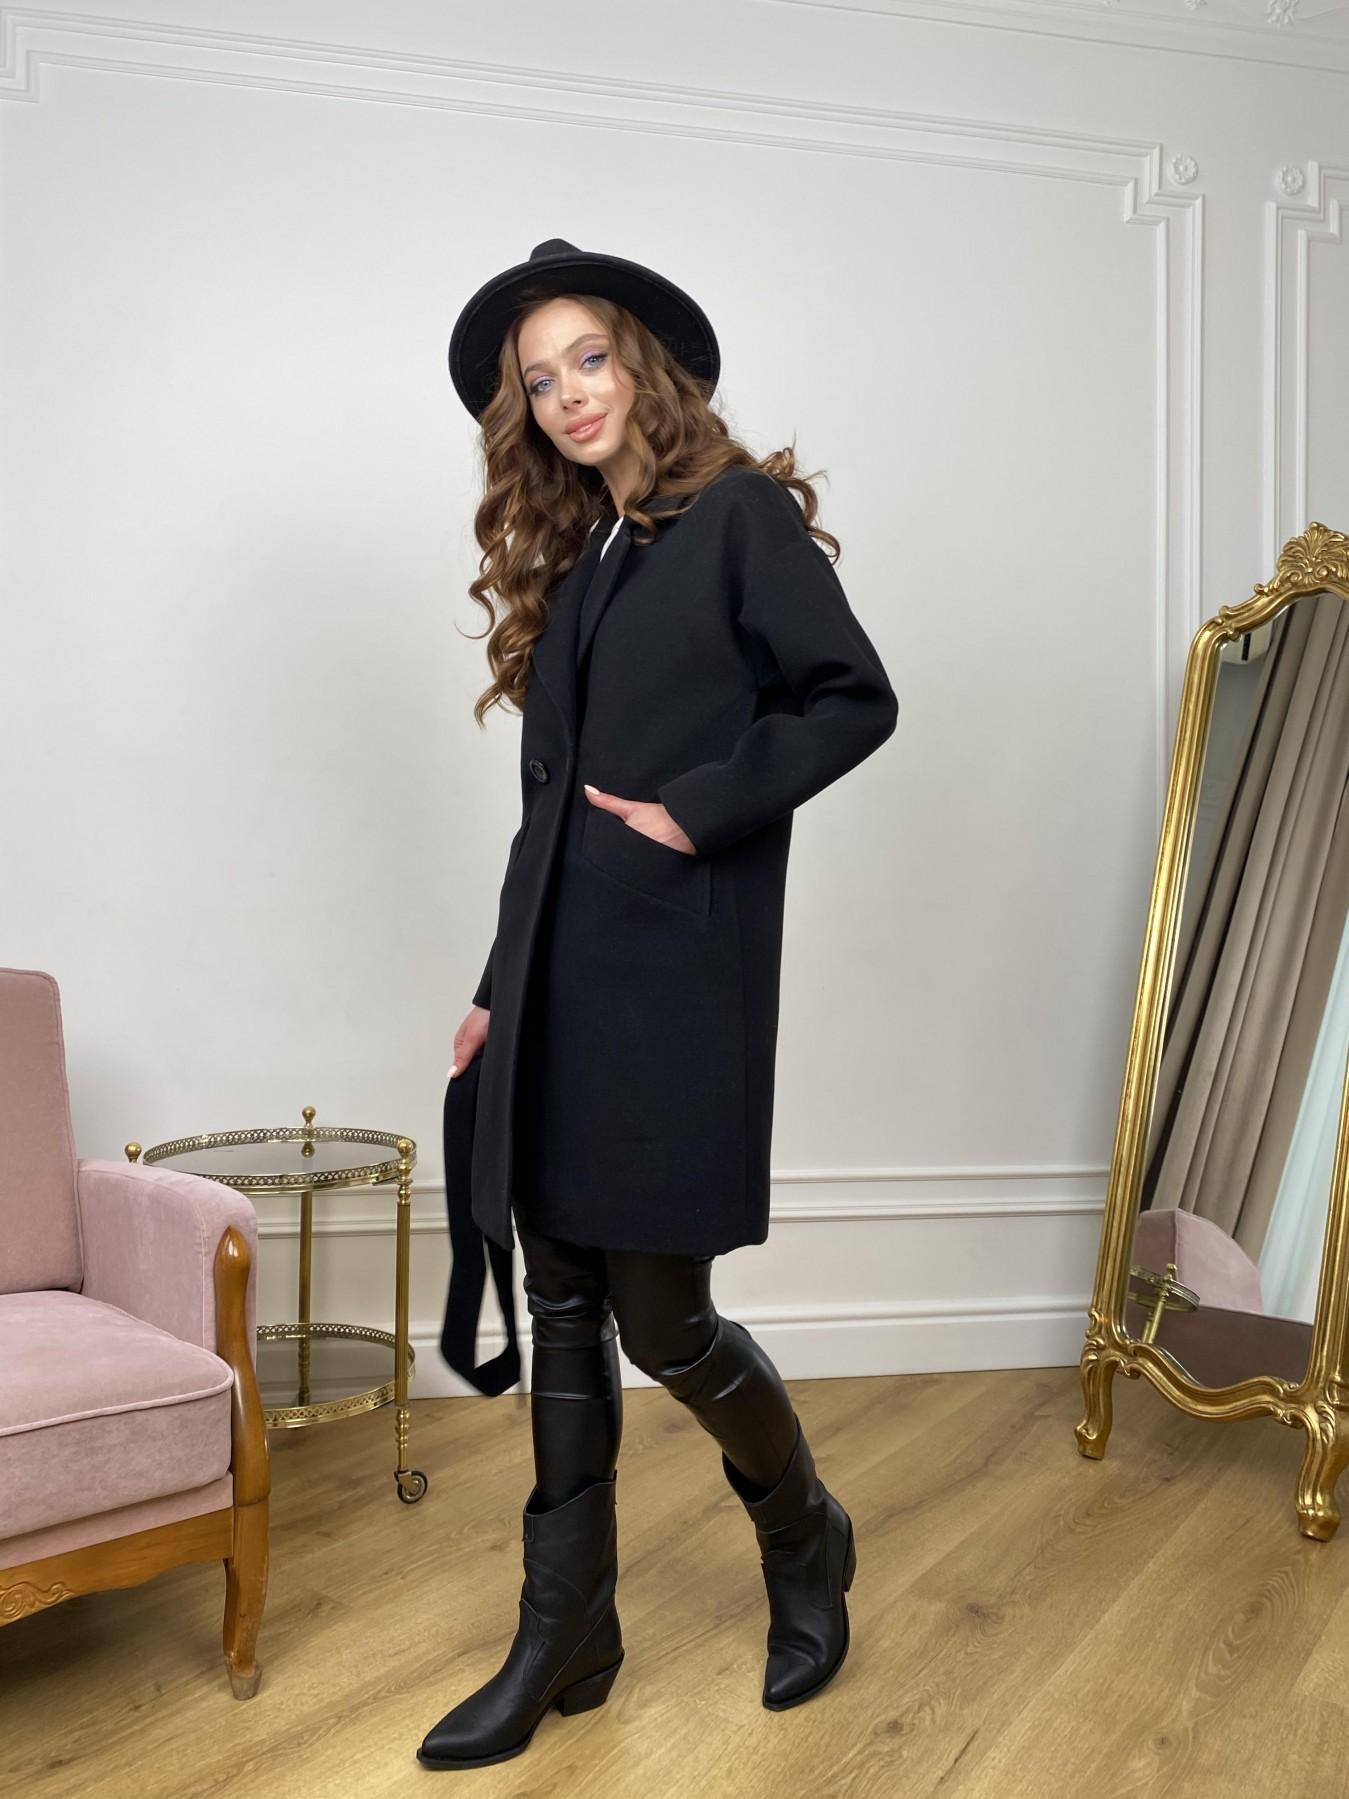 Сенсей пальто  из гладкого кашемира 10905 АРТ. 47370 Цвет: Черный - фото 4, интернет магазин tm-modus.ru